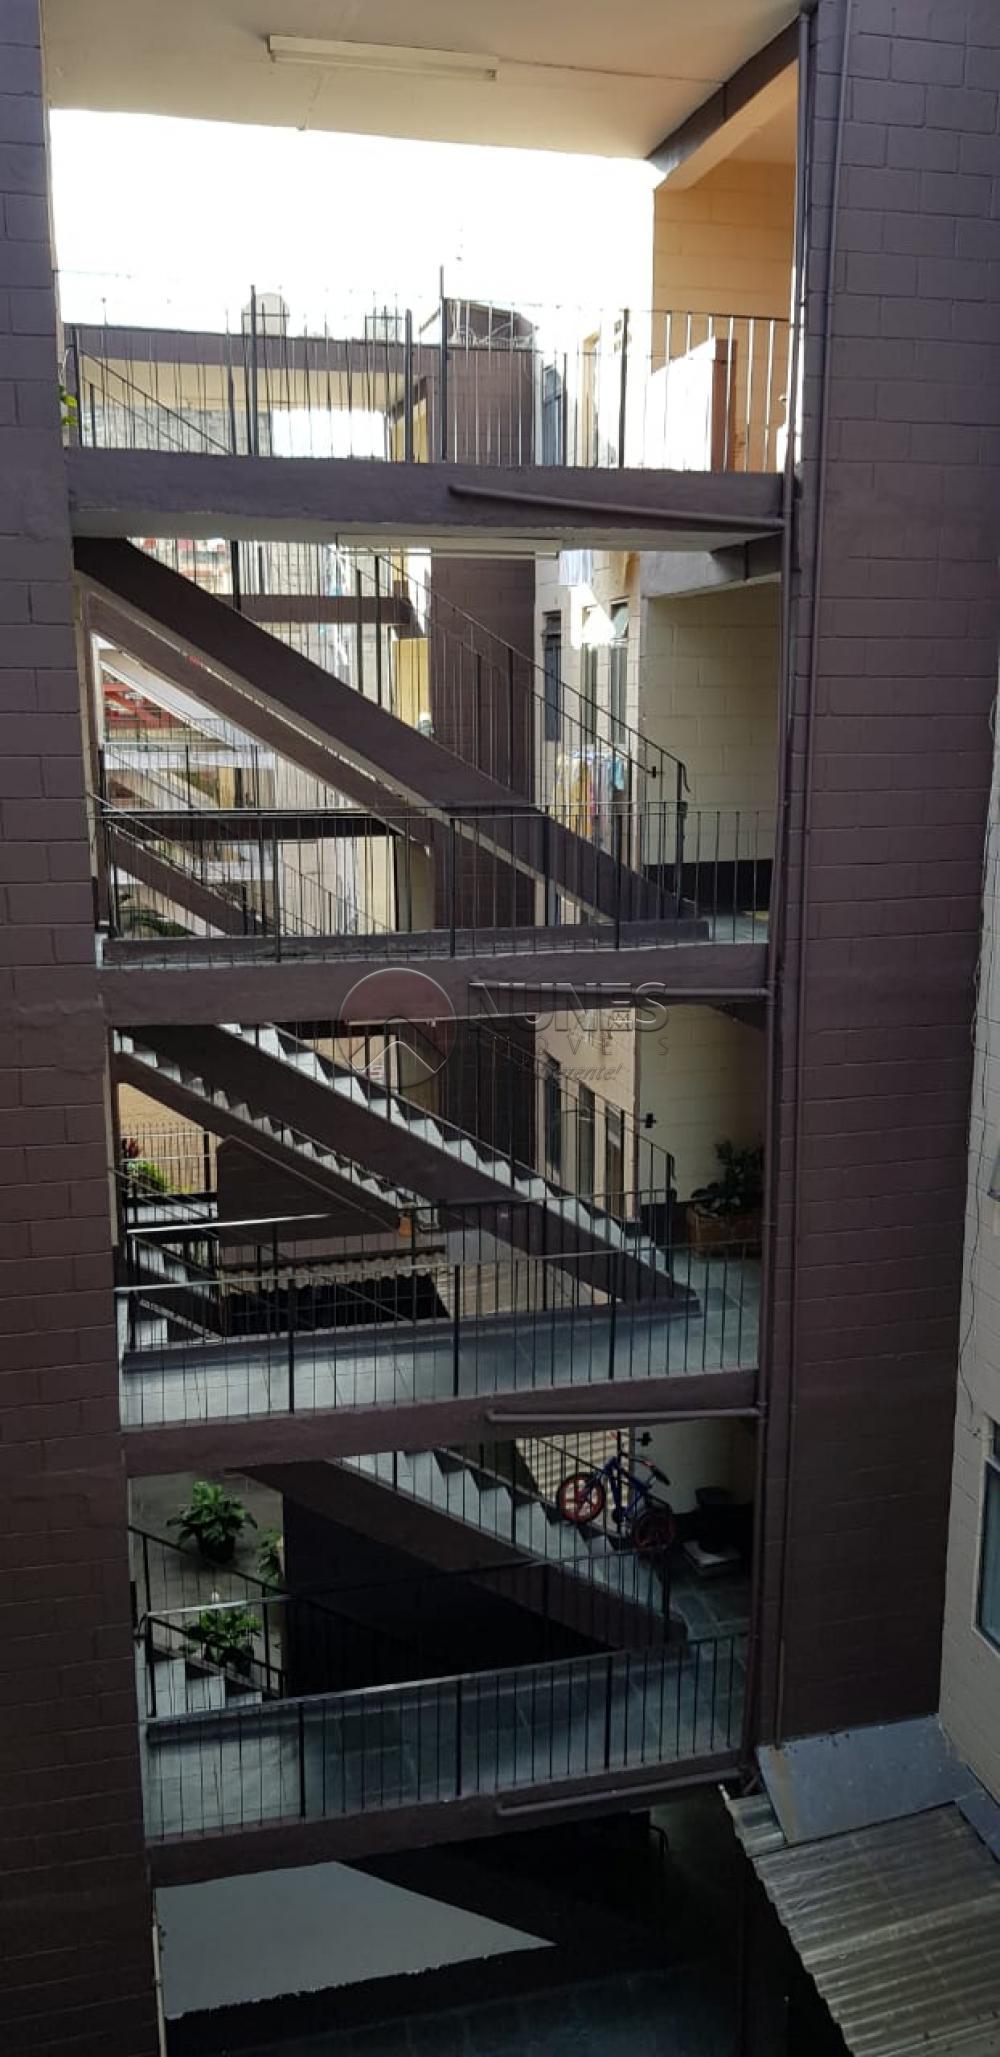 Comprar Apartamento / Padrão em Carapicuíba apenas R$ 130.000,00 - Foto 10